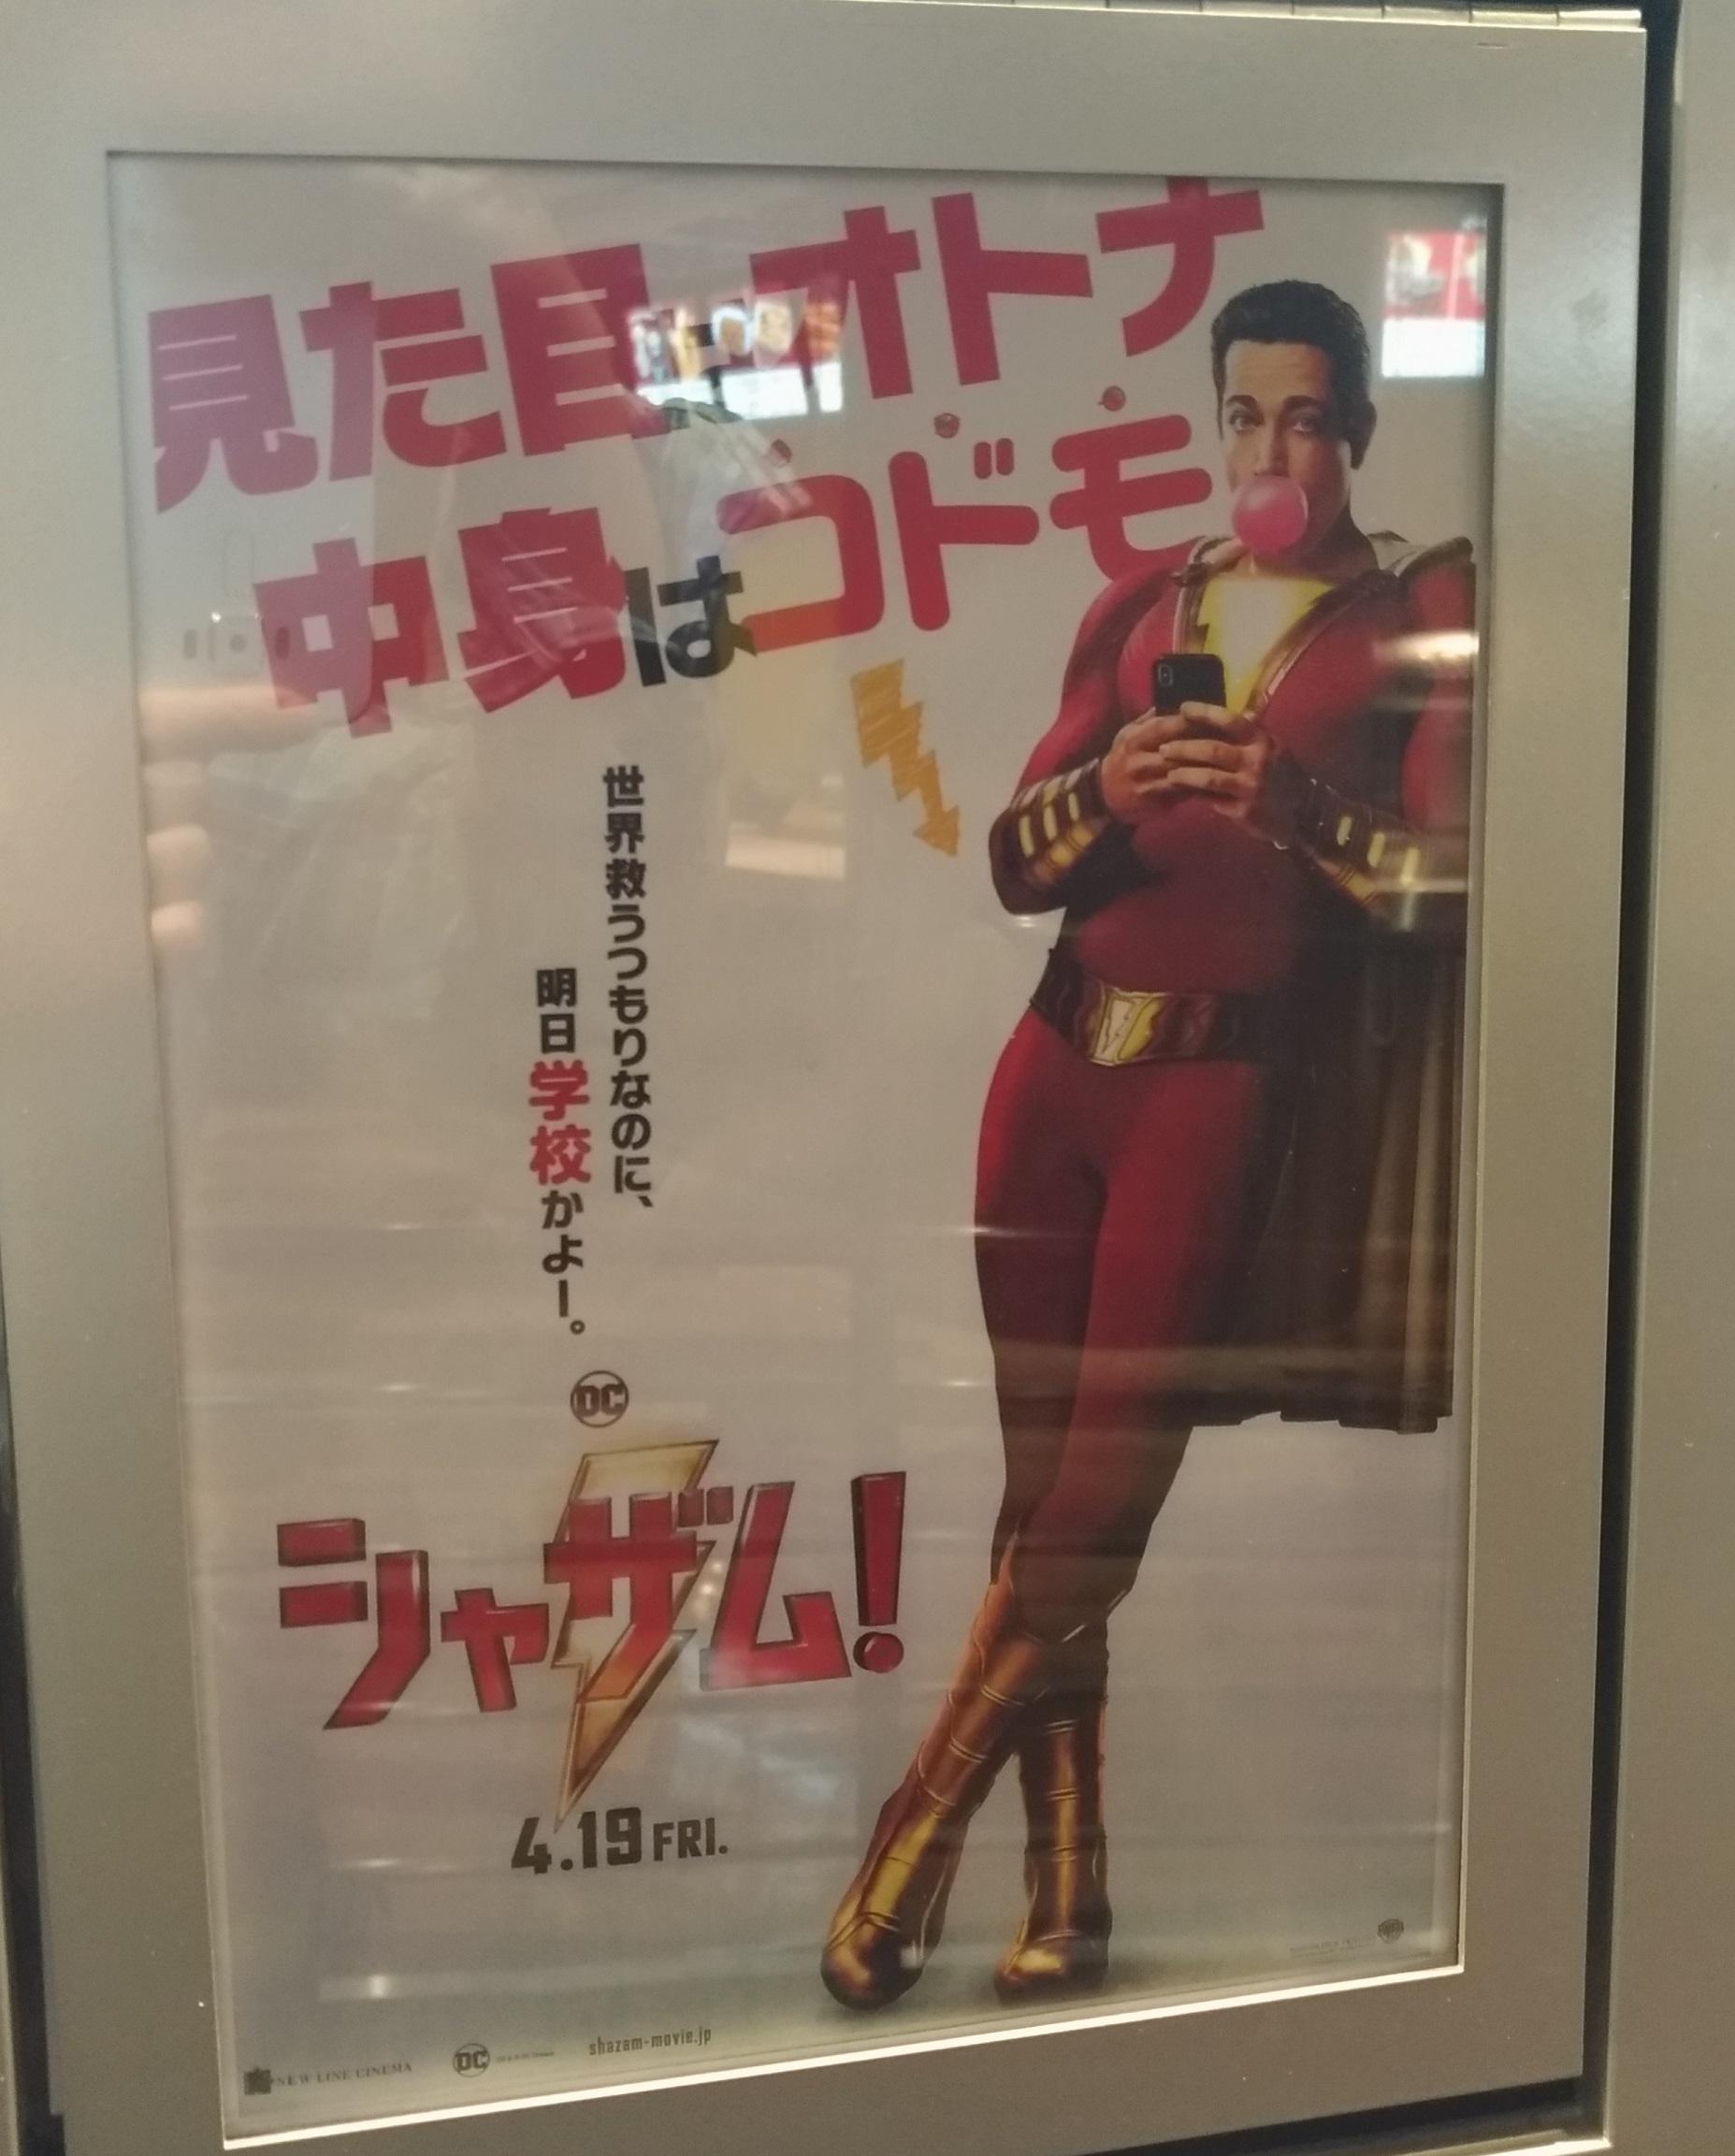 shazam_movies_umeda.jpg